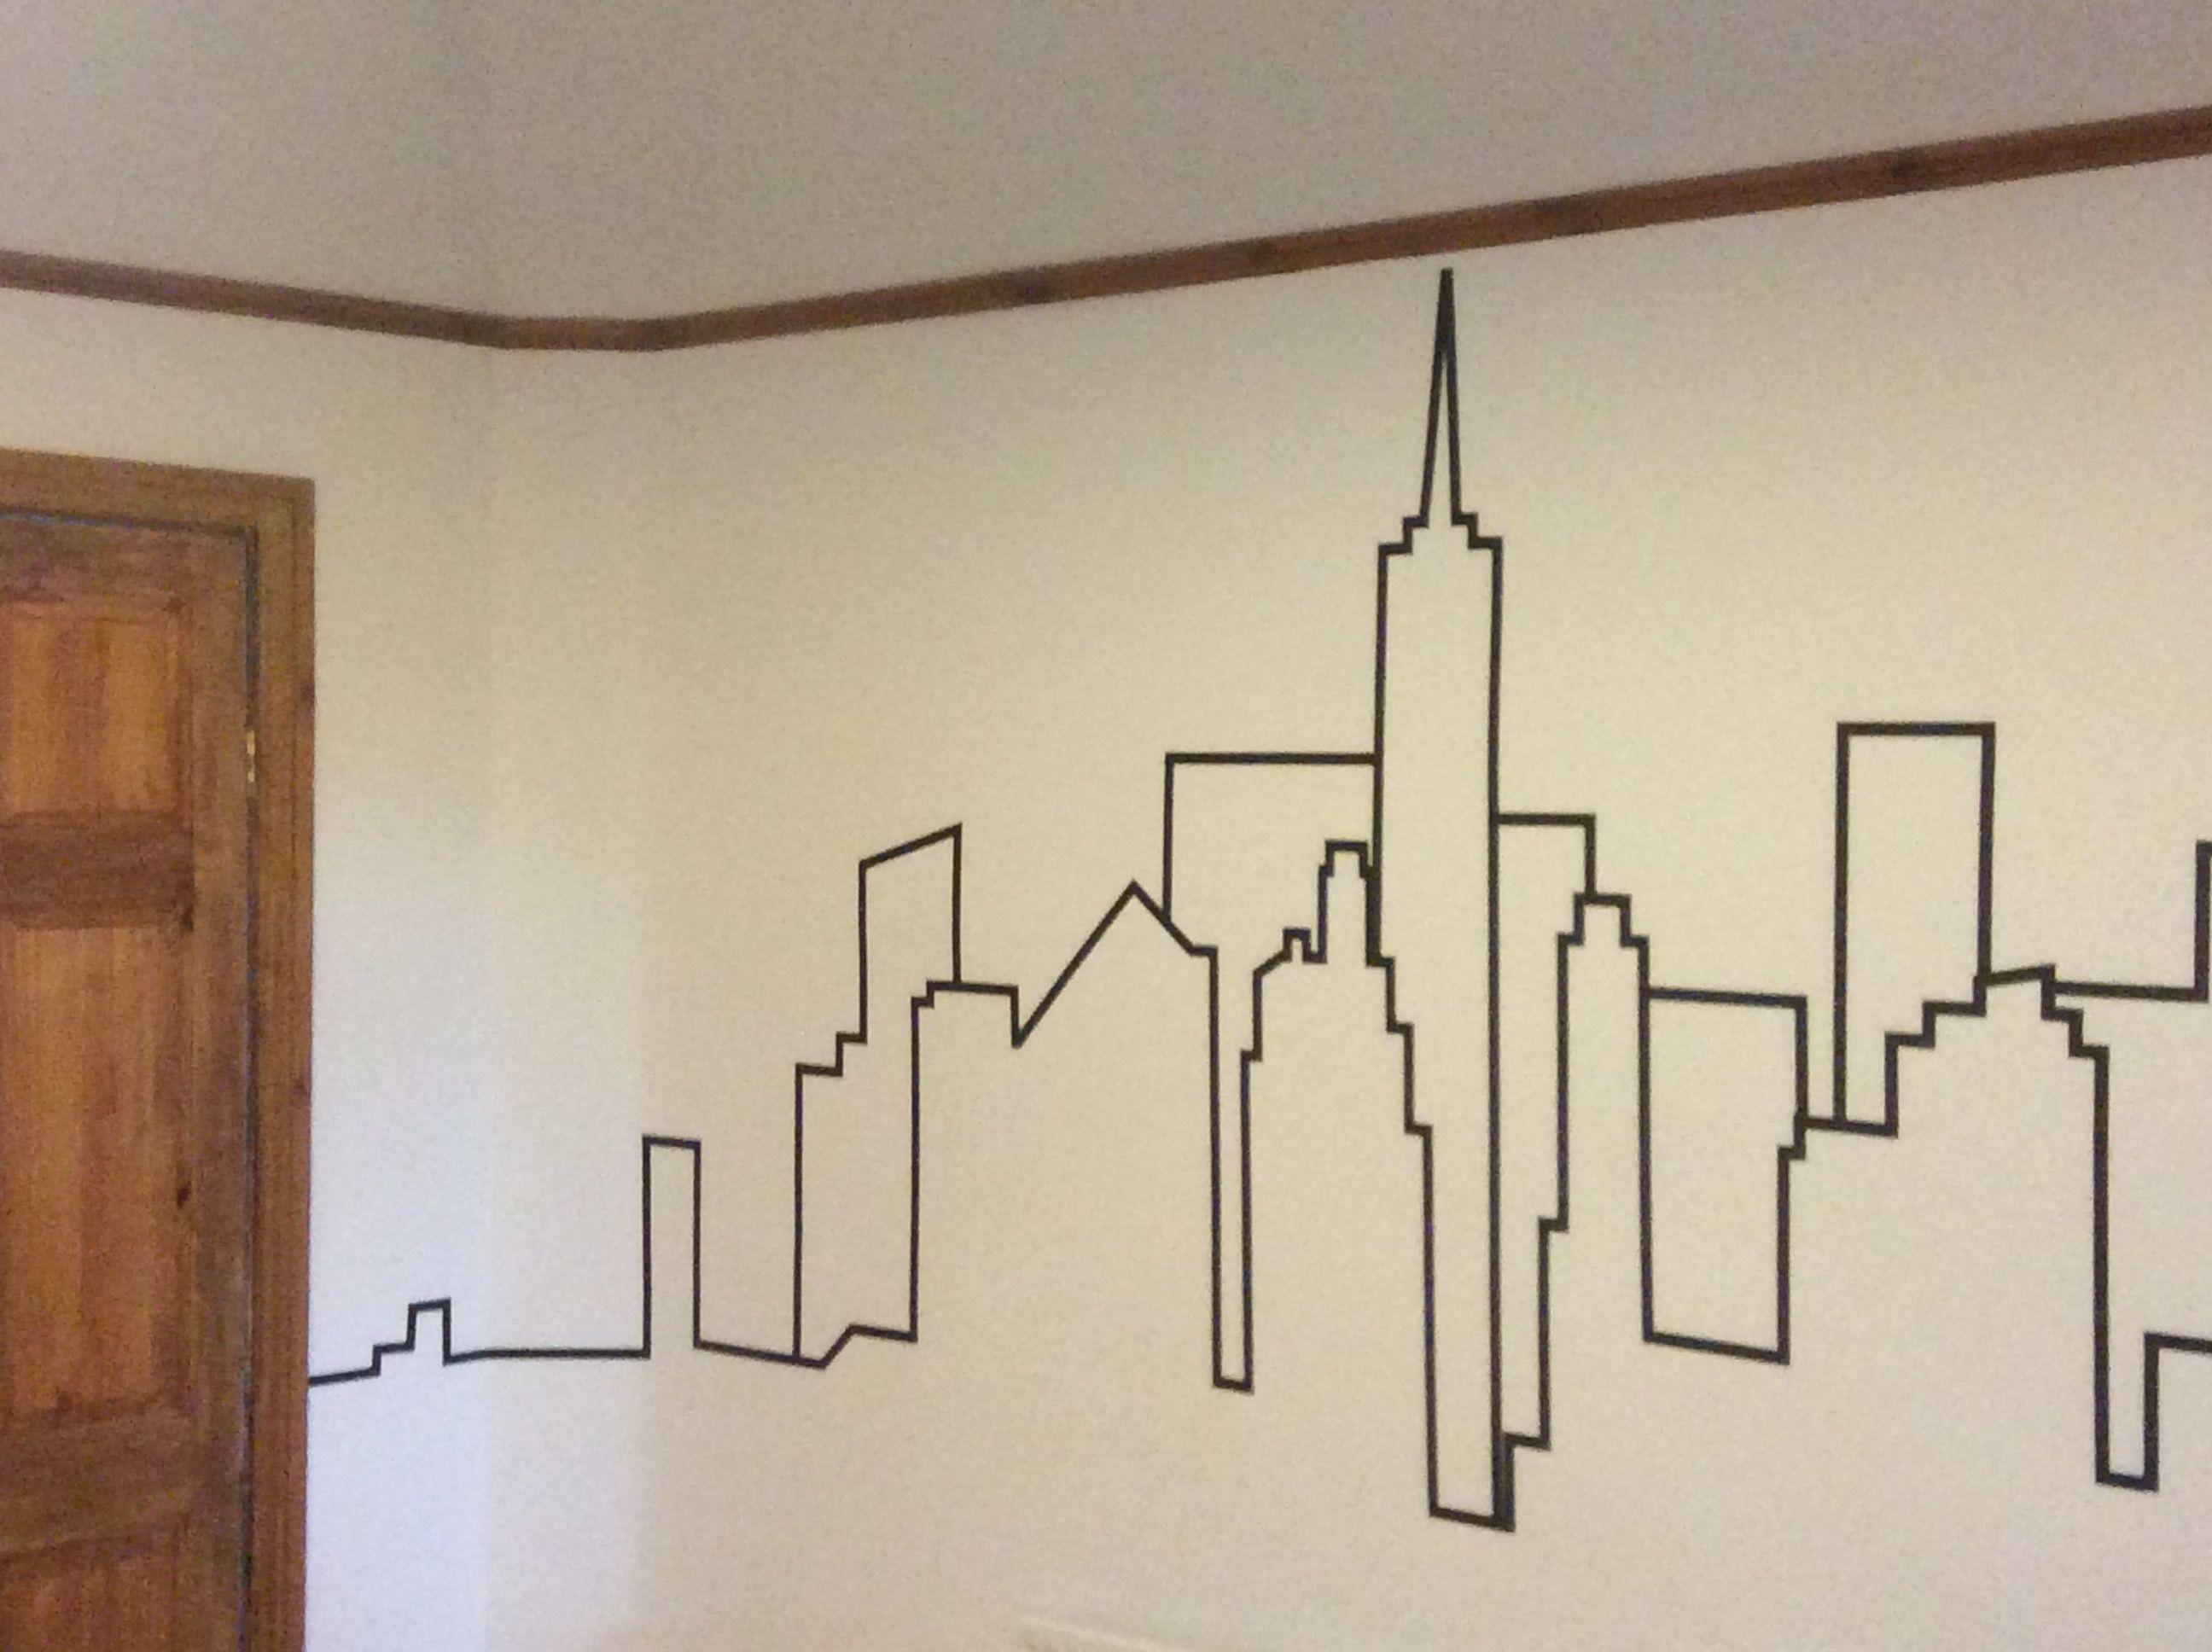 NYC skyline using washi tape. … | Pinteres…